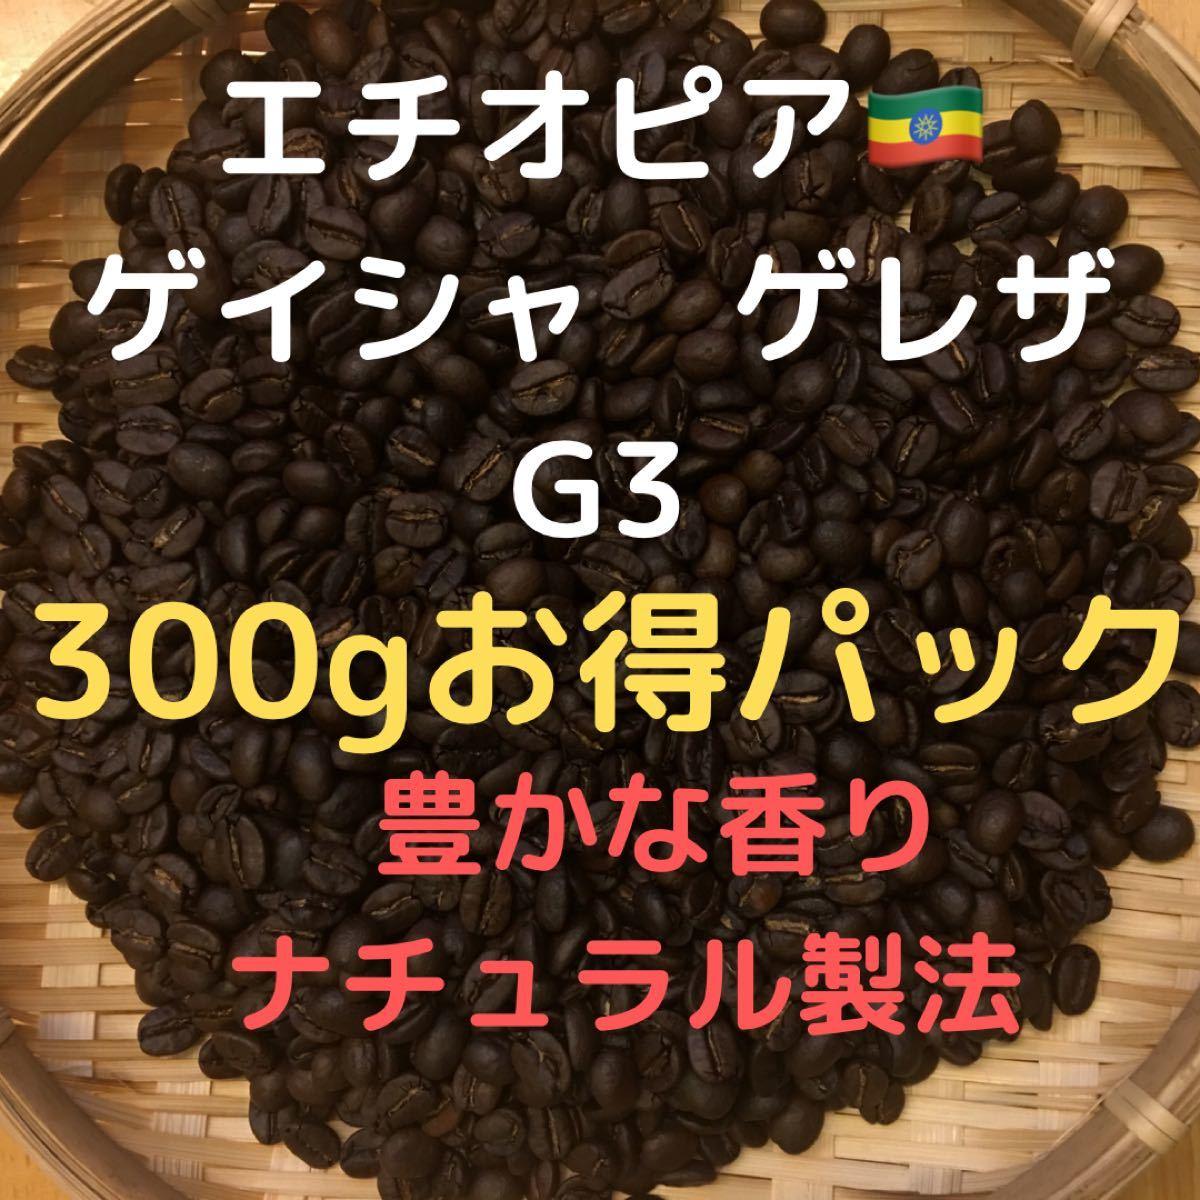 自家焙煎 エチオピア ゲイシャ ゲレザG3 300g(豆又は粉)匿名配送